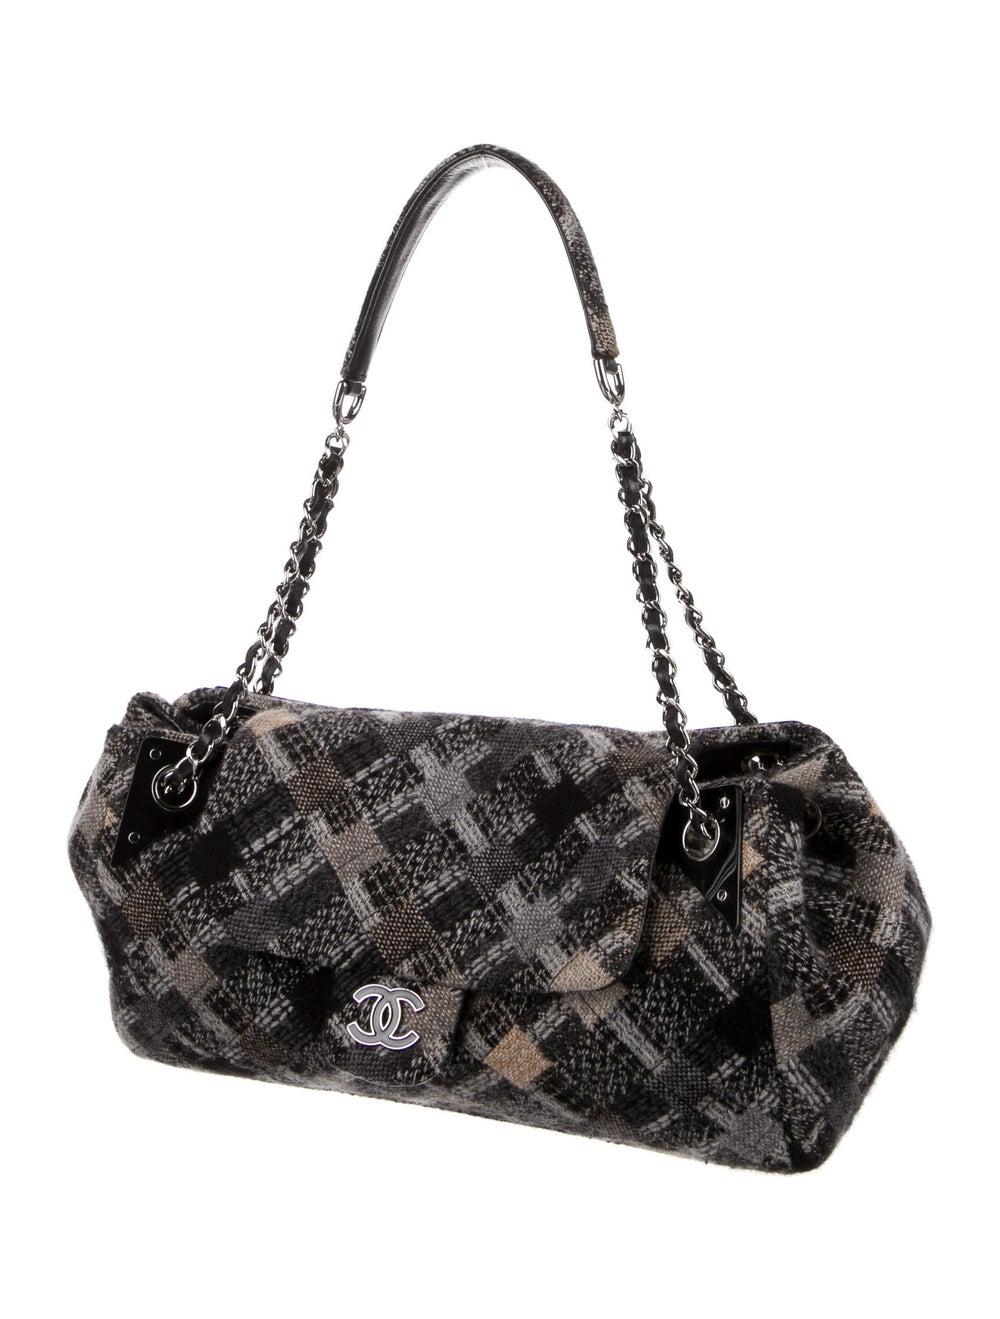 Chanel Jumbo Tweed Single Flap Bag Grey - image 3